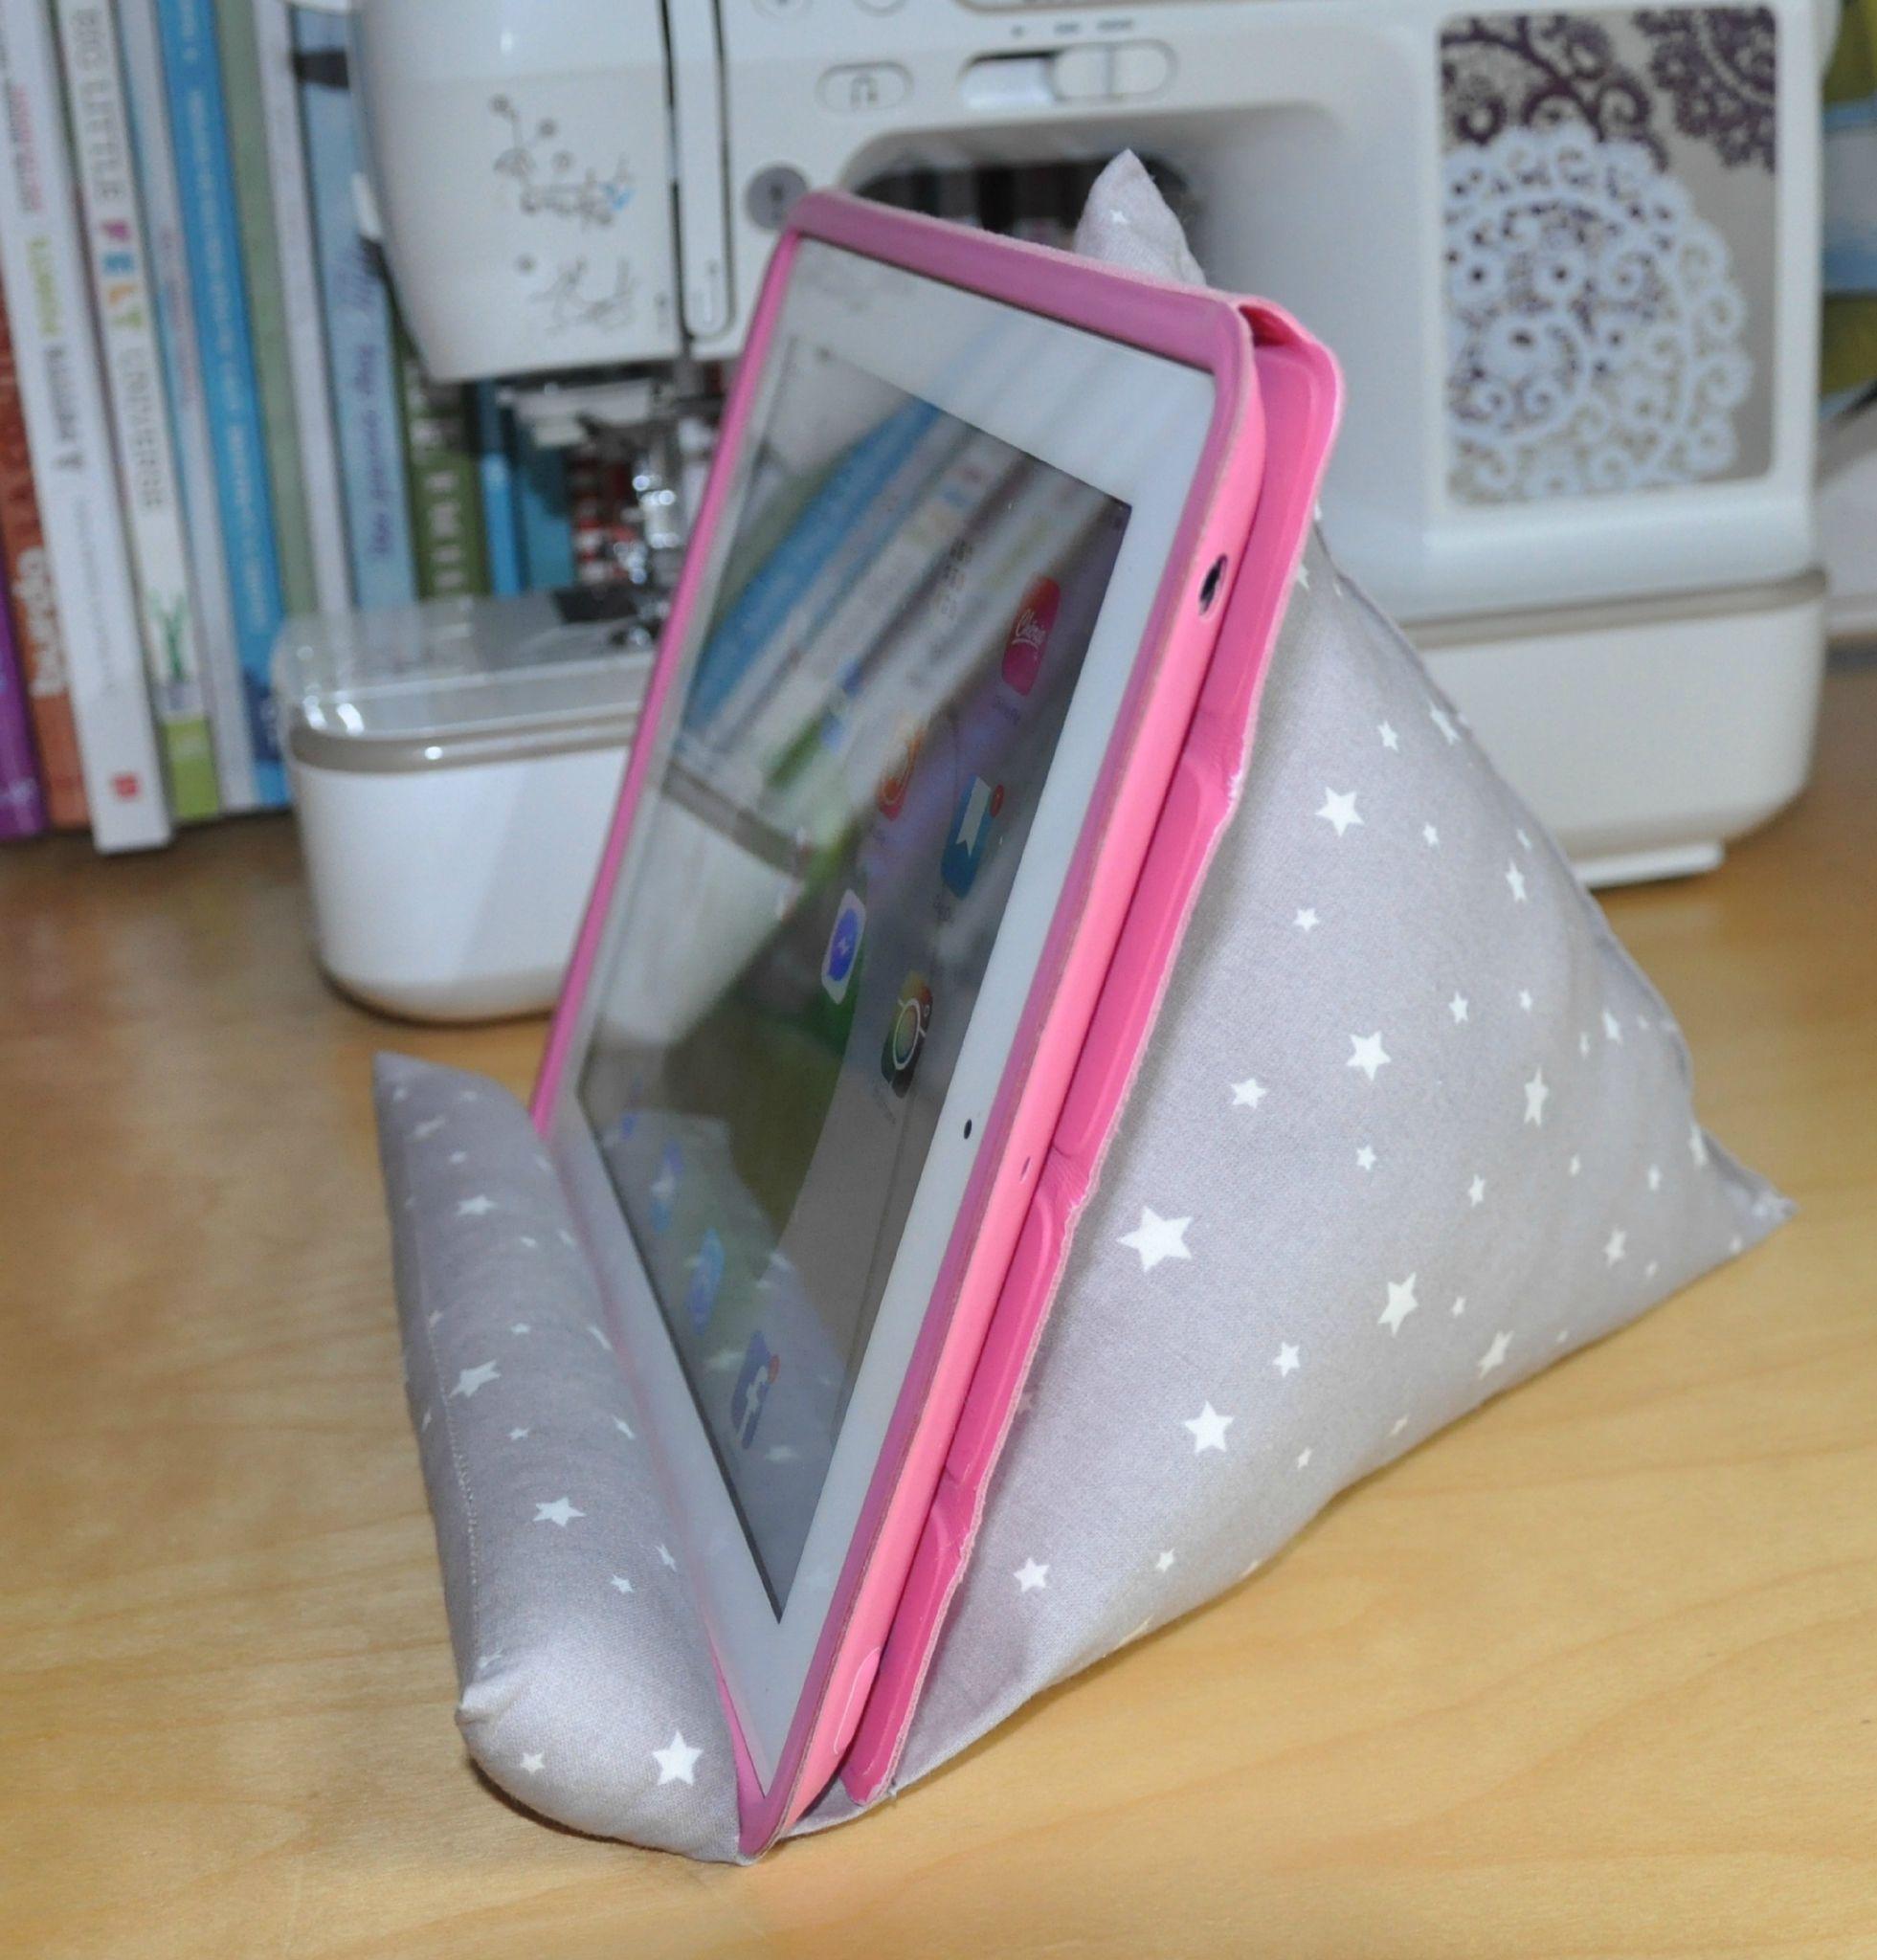 Le coussin berlingot de tablette pratique voir indispensable sac de fils deco maison id e - Maison couture et fils ...